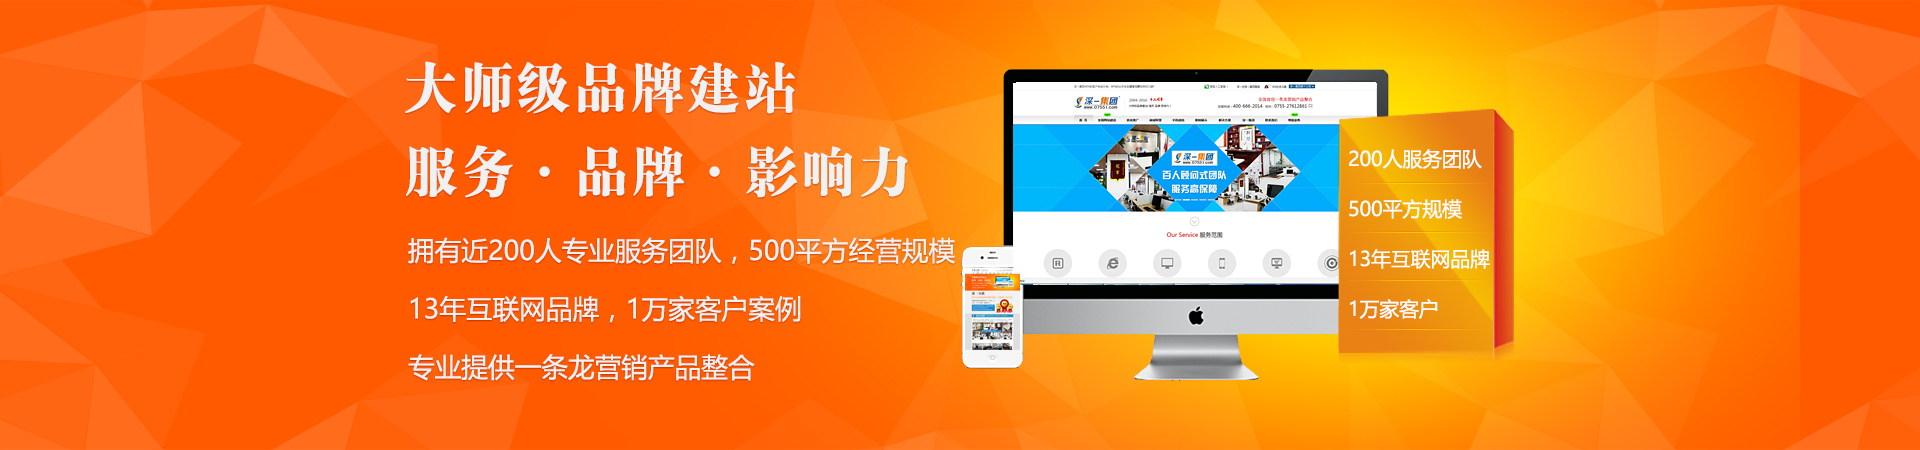 金阳网站优化